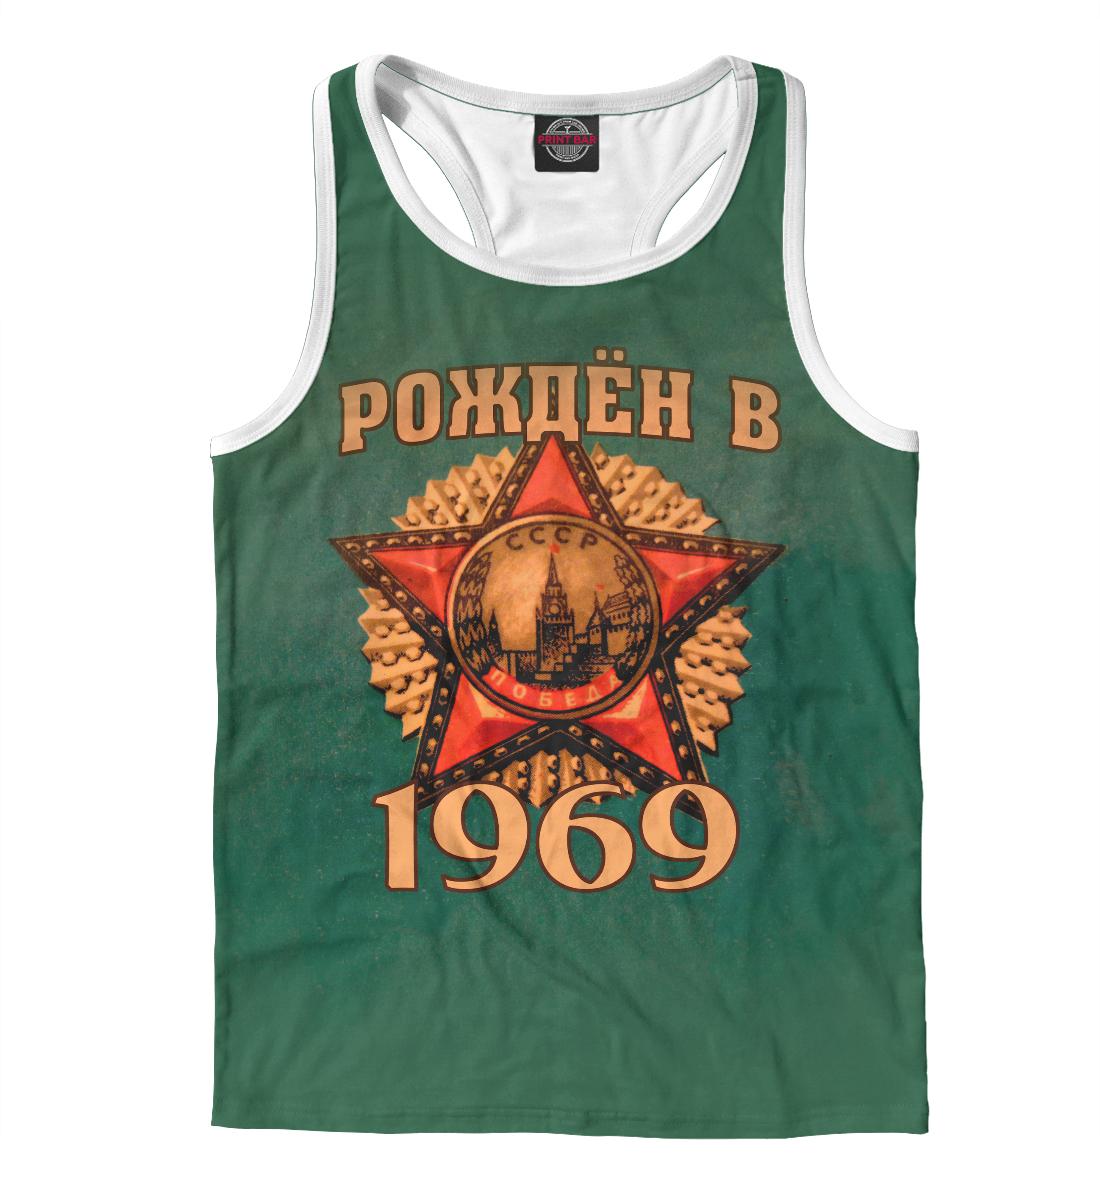 Купить Рожден в 1969, Printbar, Майки борцовки, DHE-611690-mayb-2